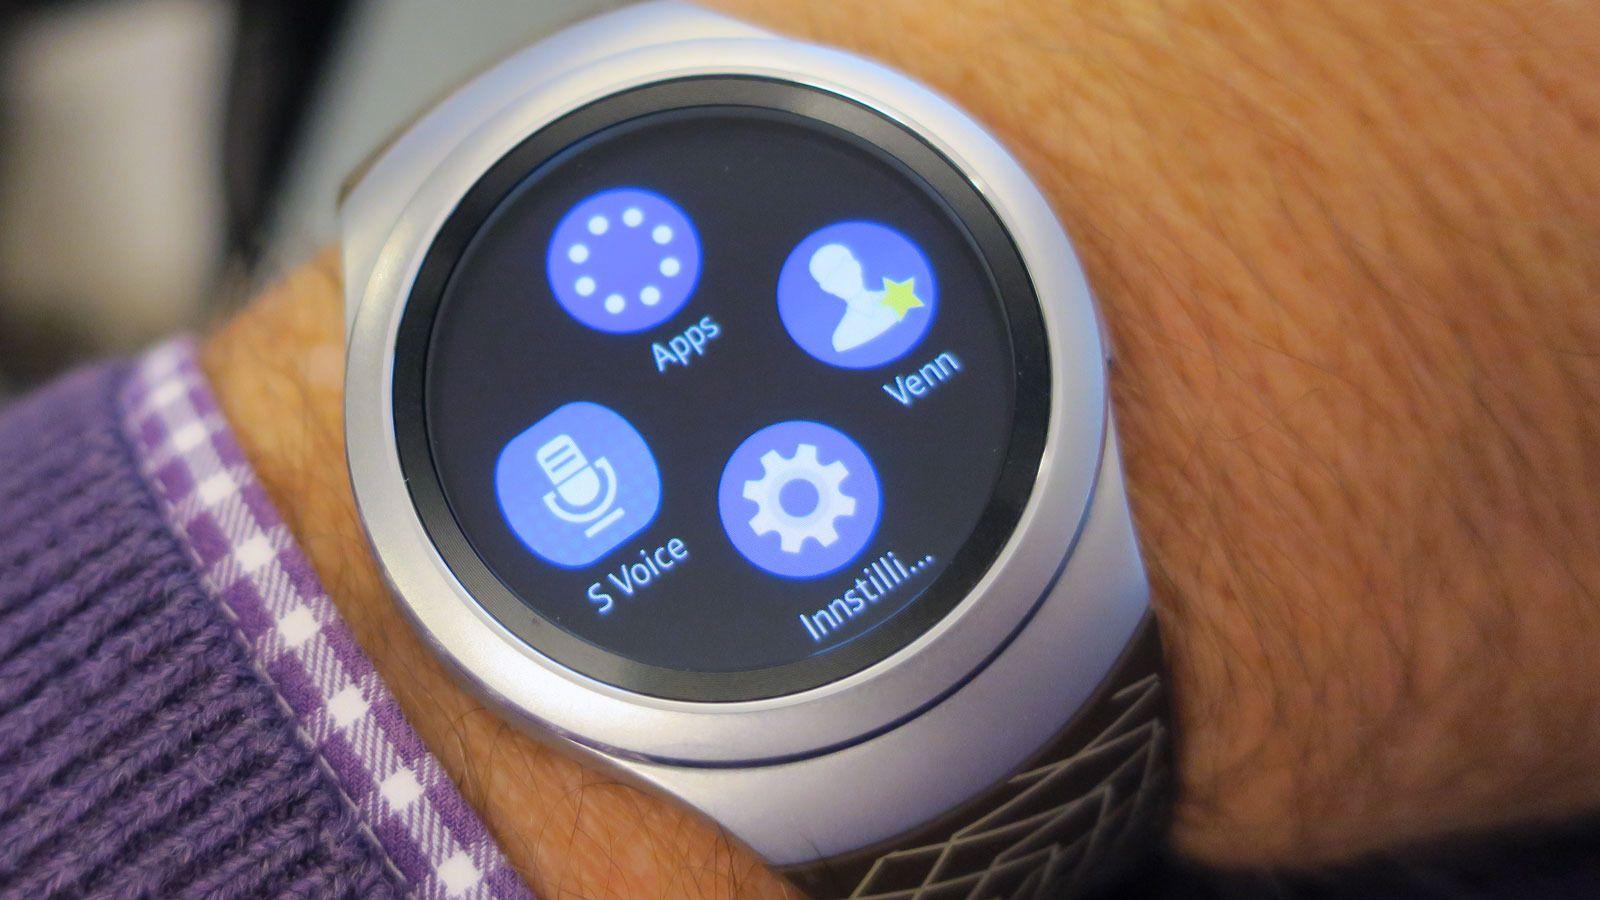 Samsung Galaxy Gear S2 har enkle og funksjonelle menyer. Foto: Espen Irwing Swang, Tek.no